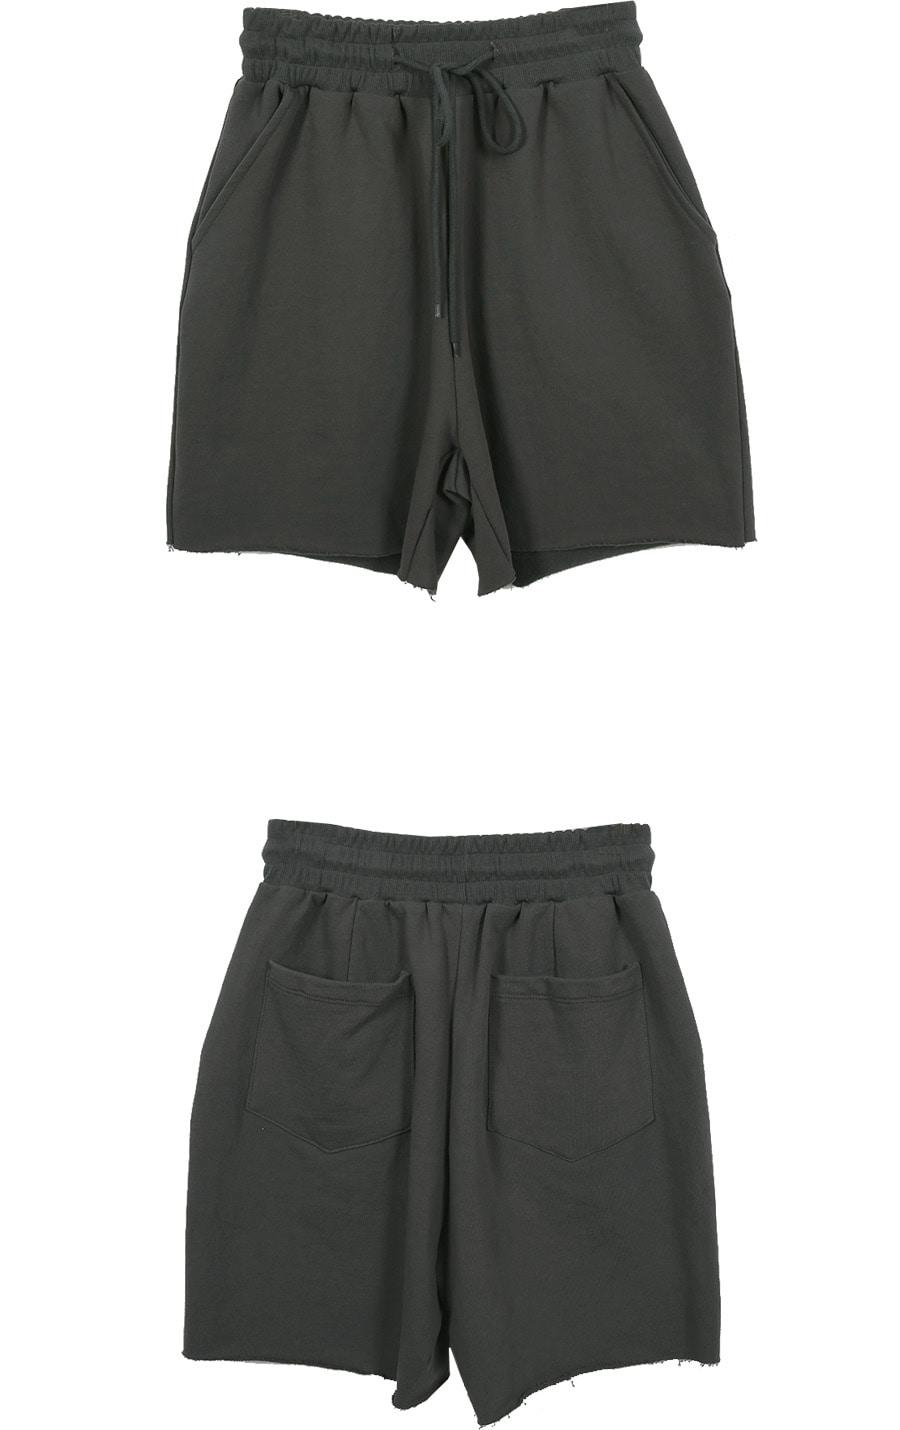 韓国 ファッション セットアップ 春 夏 秋 カジュアル PTXJ567  オーバーサイズ ベスト ショートパンツ オルチャン シンプル 定番 セレカジの写真16枚目